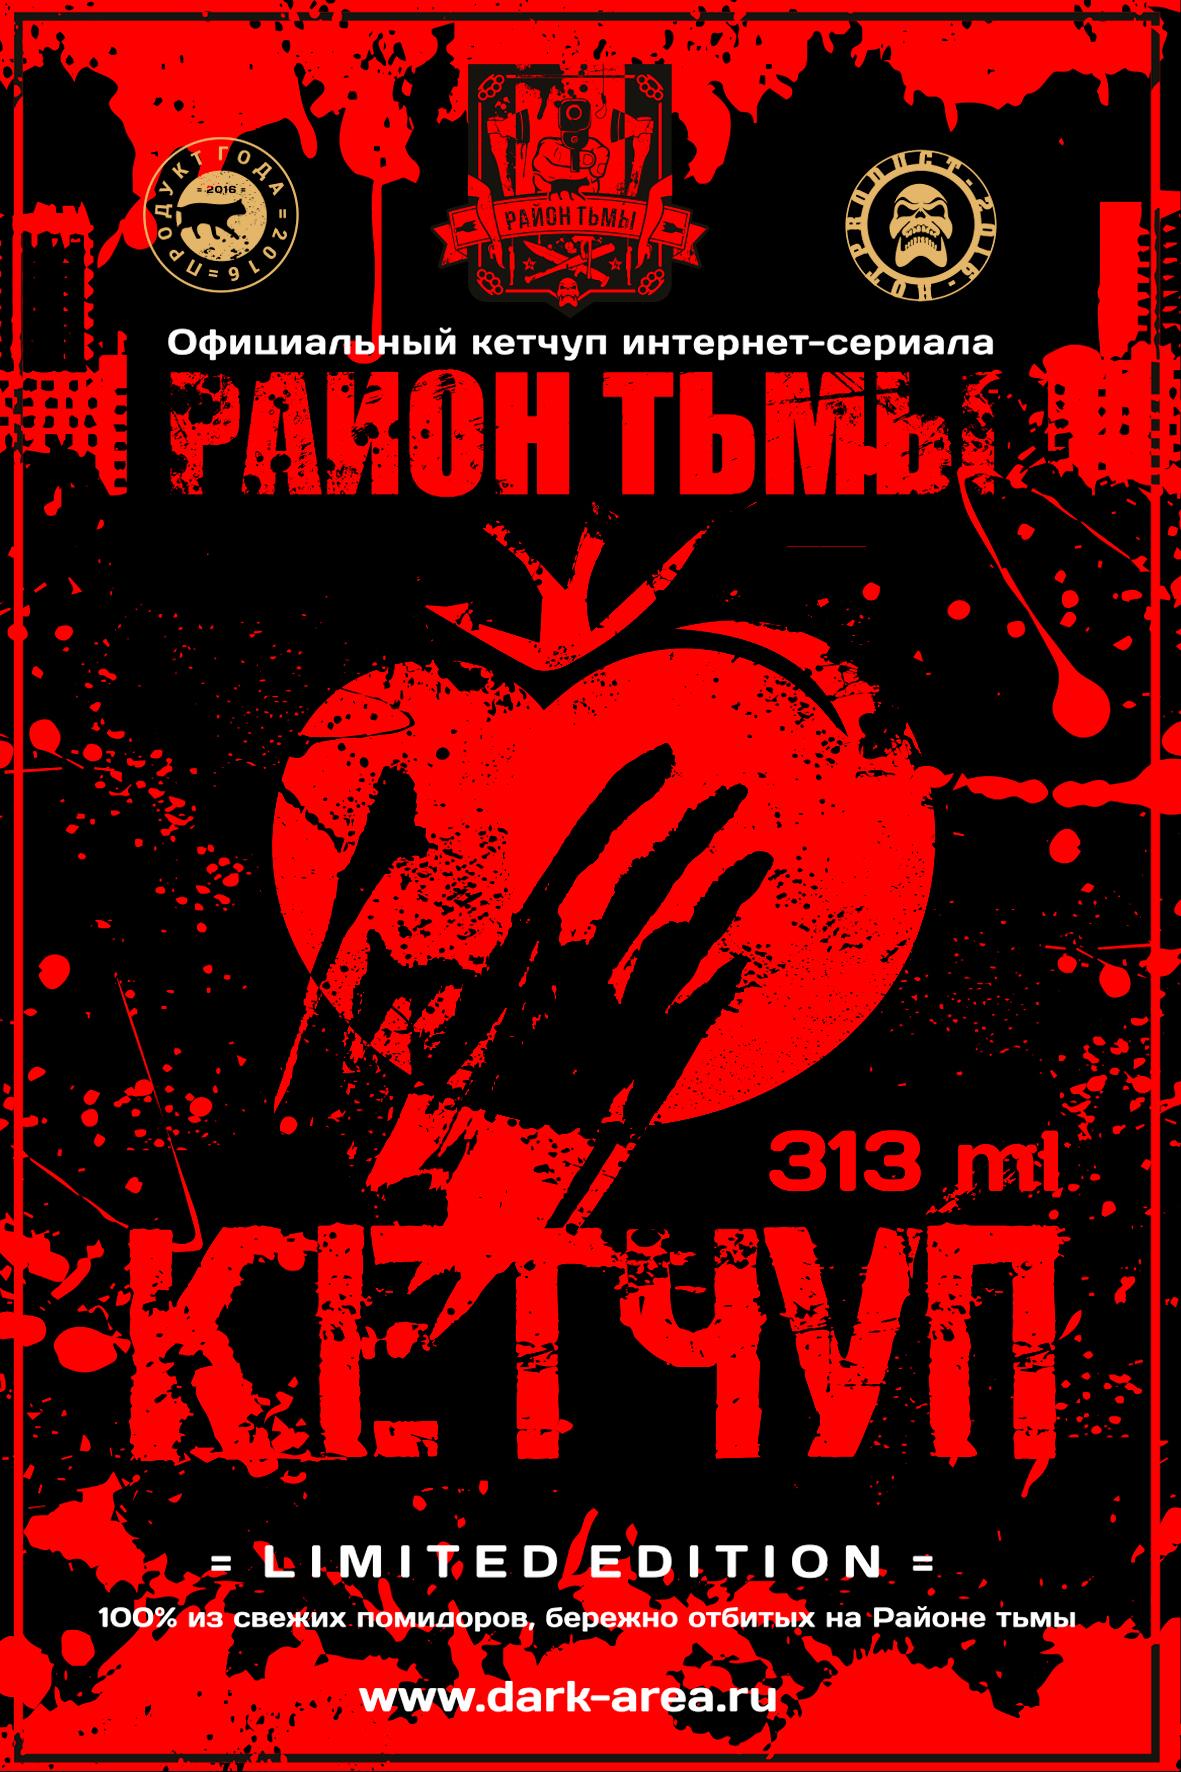 КЕТЧУП-РАЙОНА-ТЬМЫ